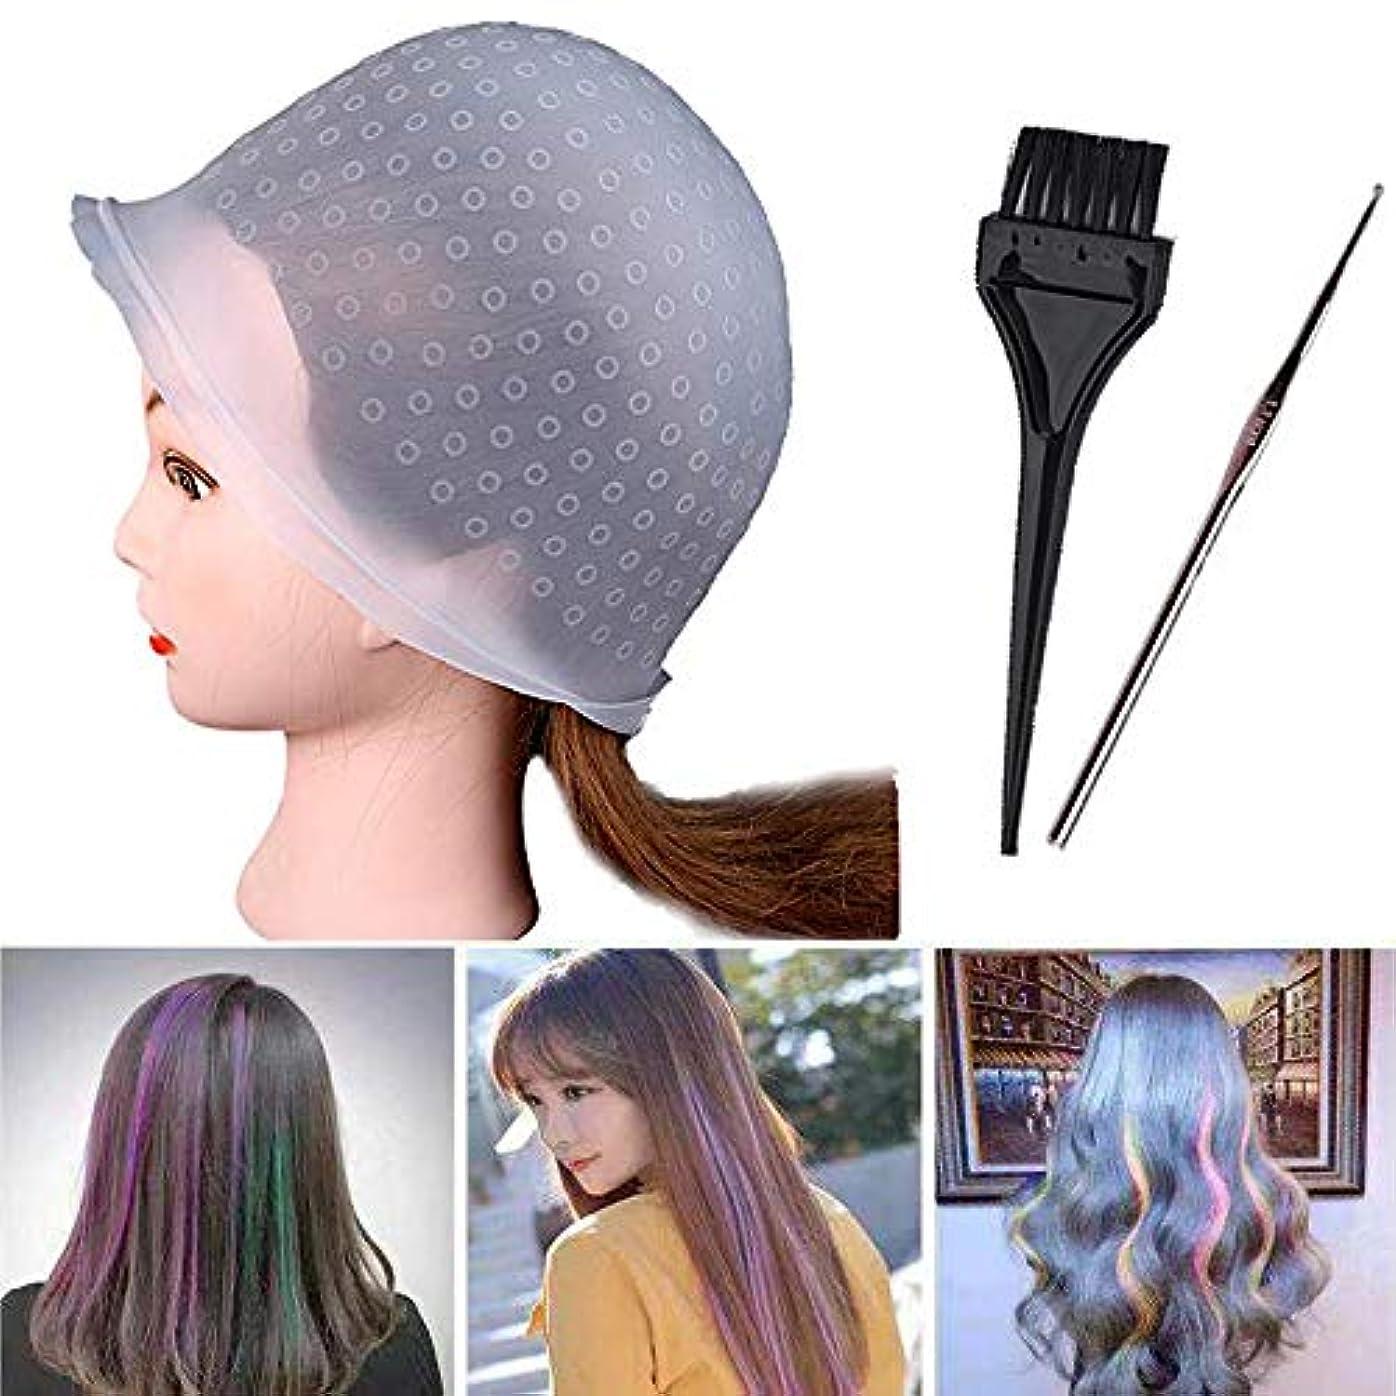 論争の的伝染病フェンスSHKI 毛染めキャップ 髪染め用ヘアキャップ シリコン製 ヘアカラーヘアキャップ 自宅でヘアカラーを楽しんで美容サロン仕様 棒とブラシ付き